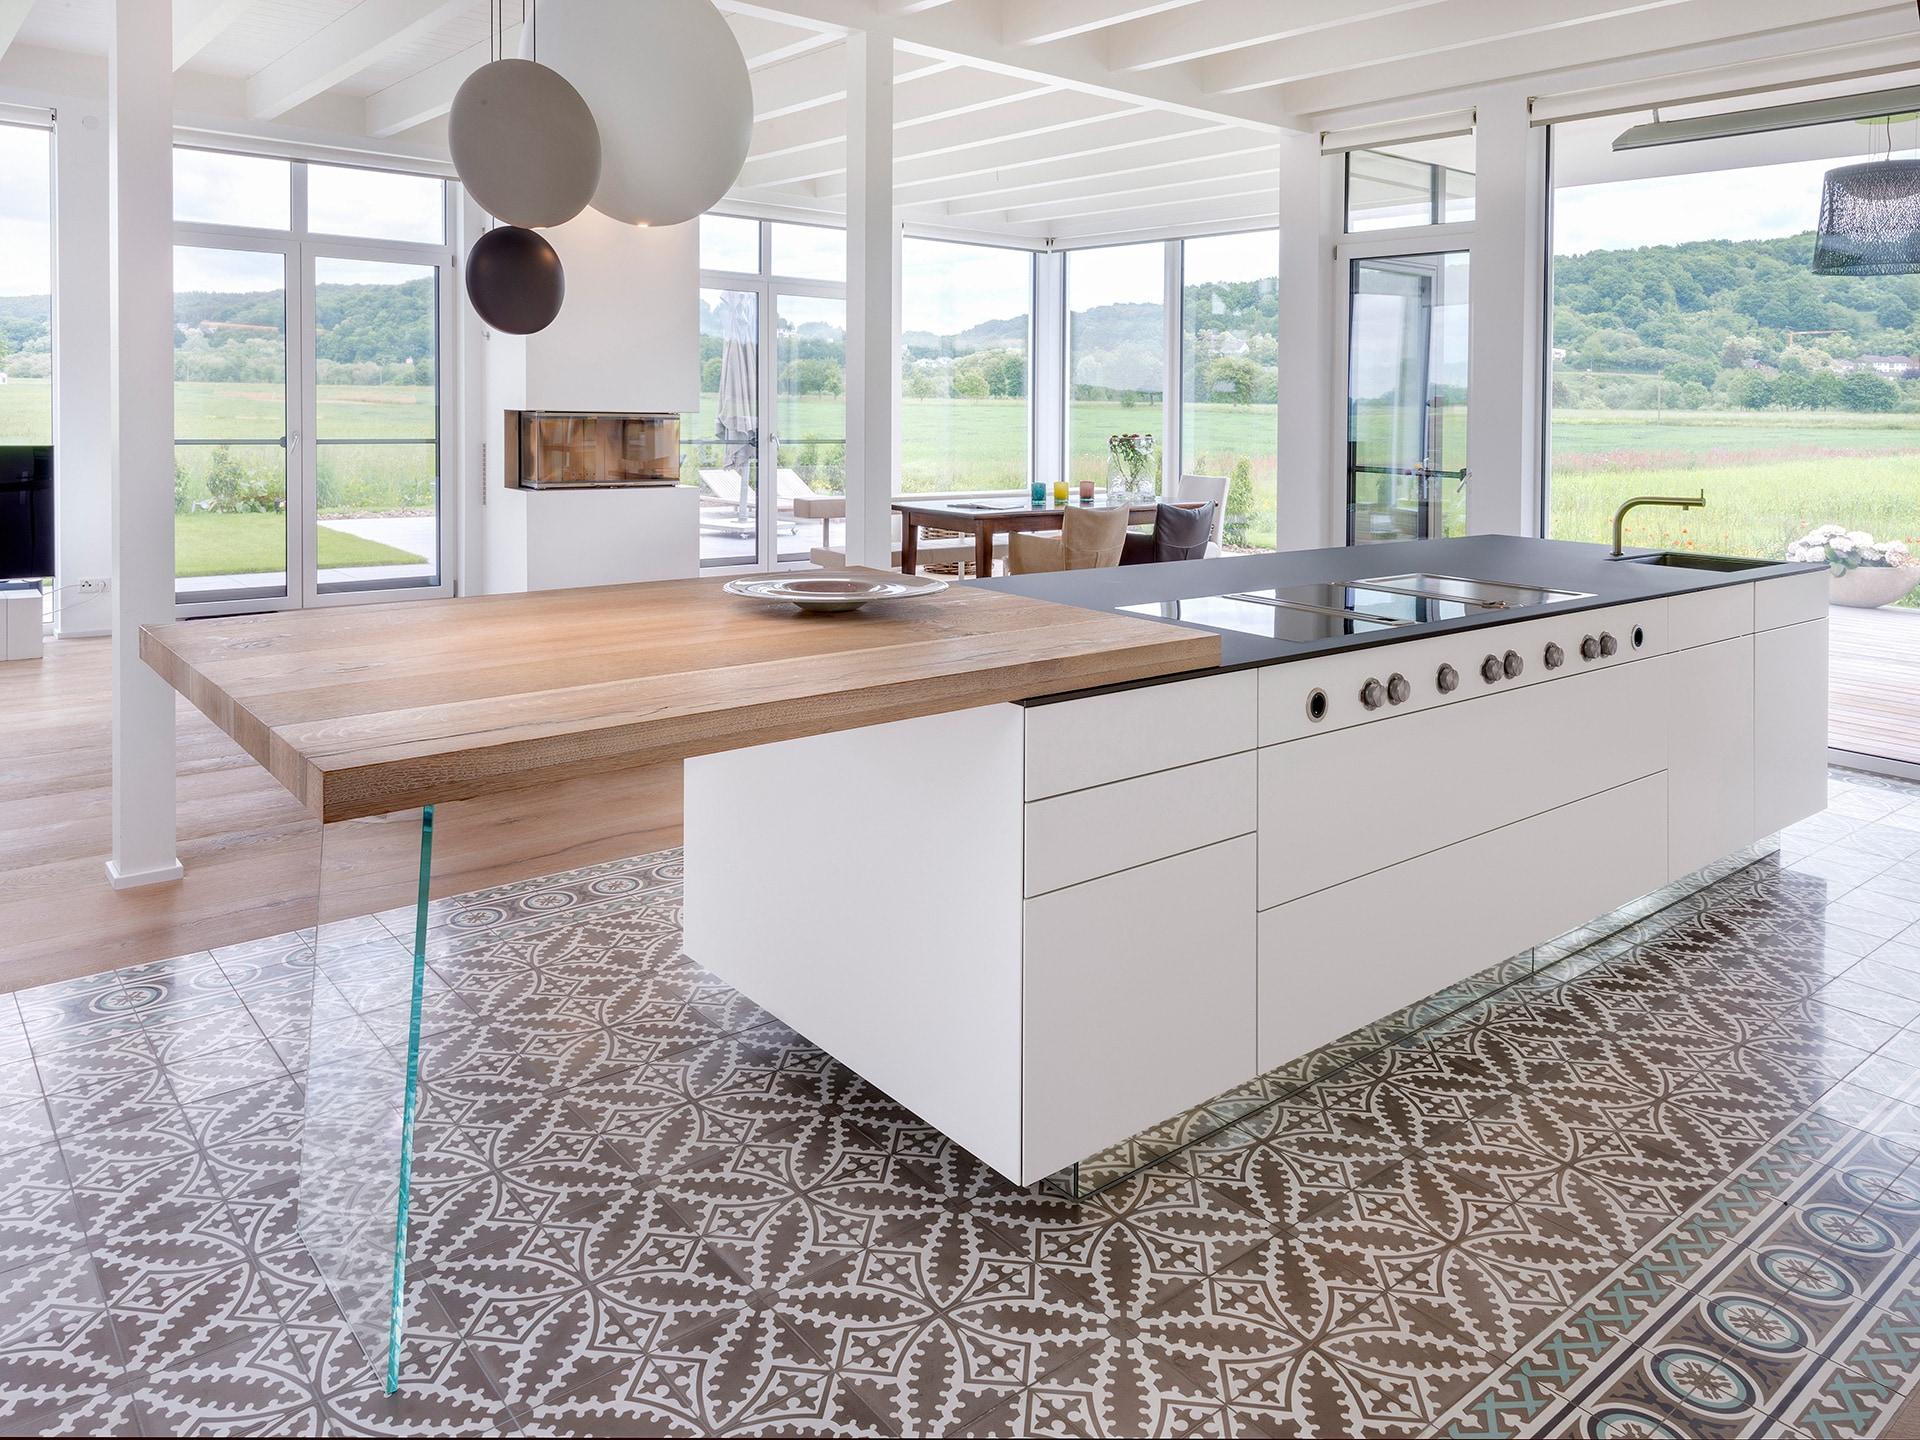 VIA Fliese N° 17354 zweifarbiges Muster in einer modernen Küche